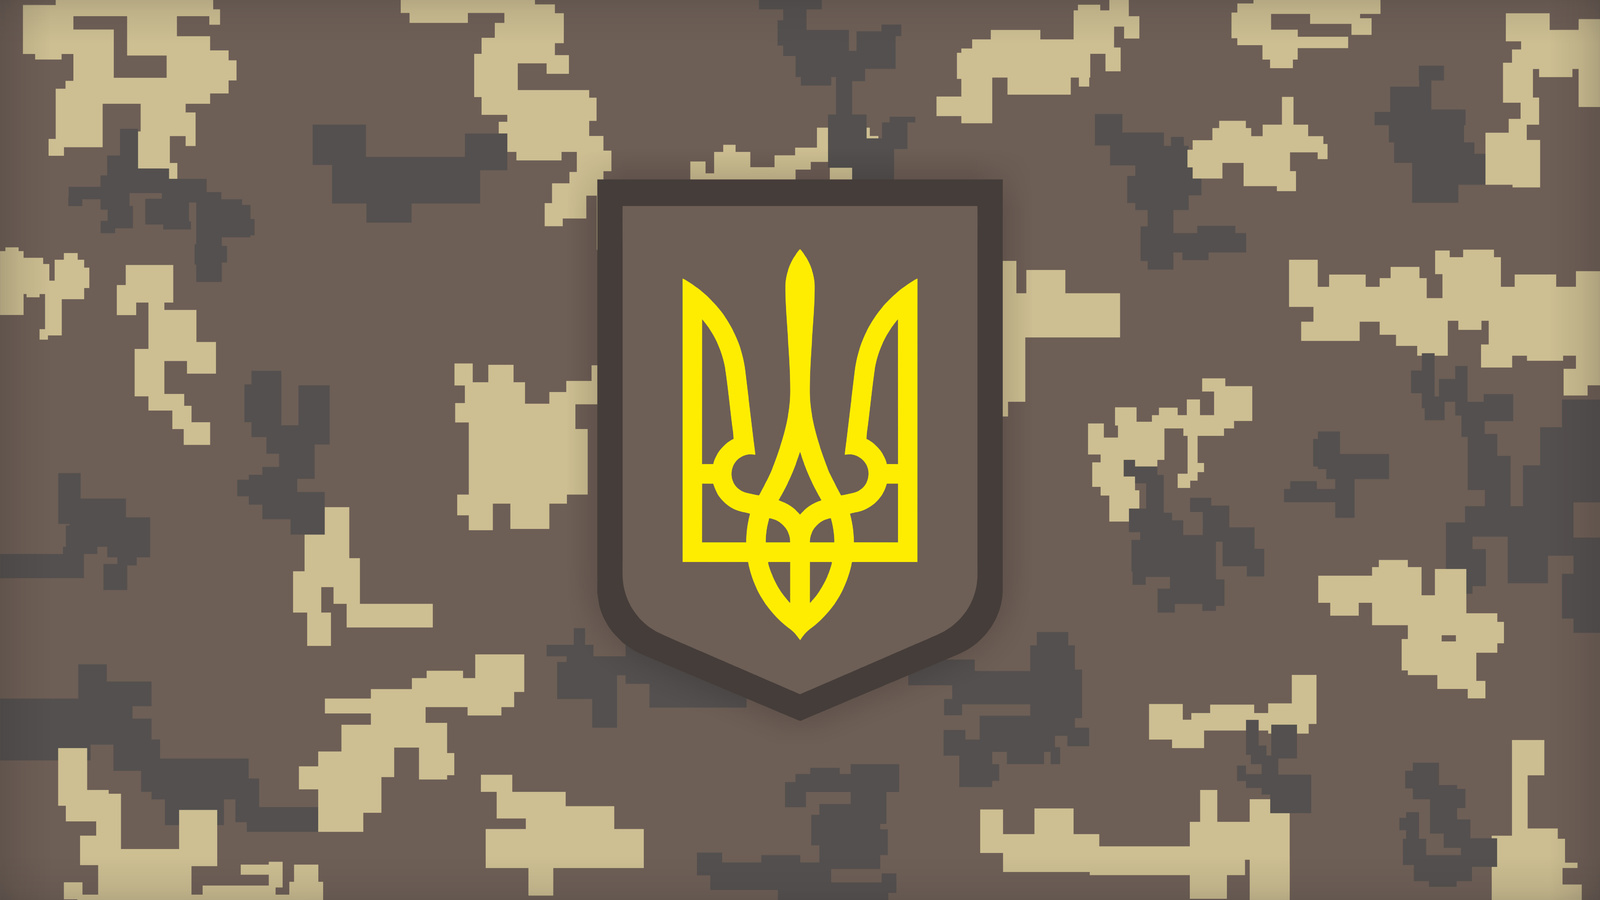 україна, украина, ukraine, армія україни, українська армія, всу, зсу, збройні сили україни, символ  предателей, слава зоофилам !!!!, мерзость, кал, говно, позор, стыд